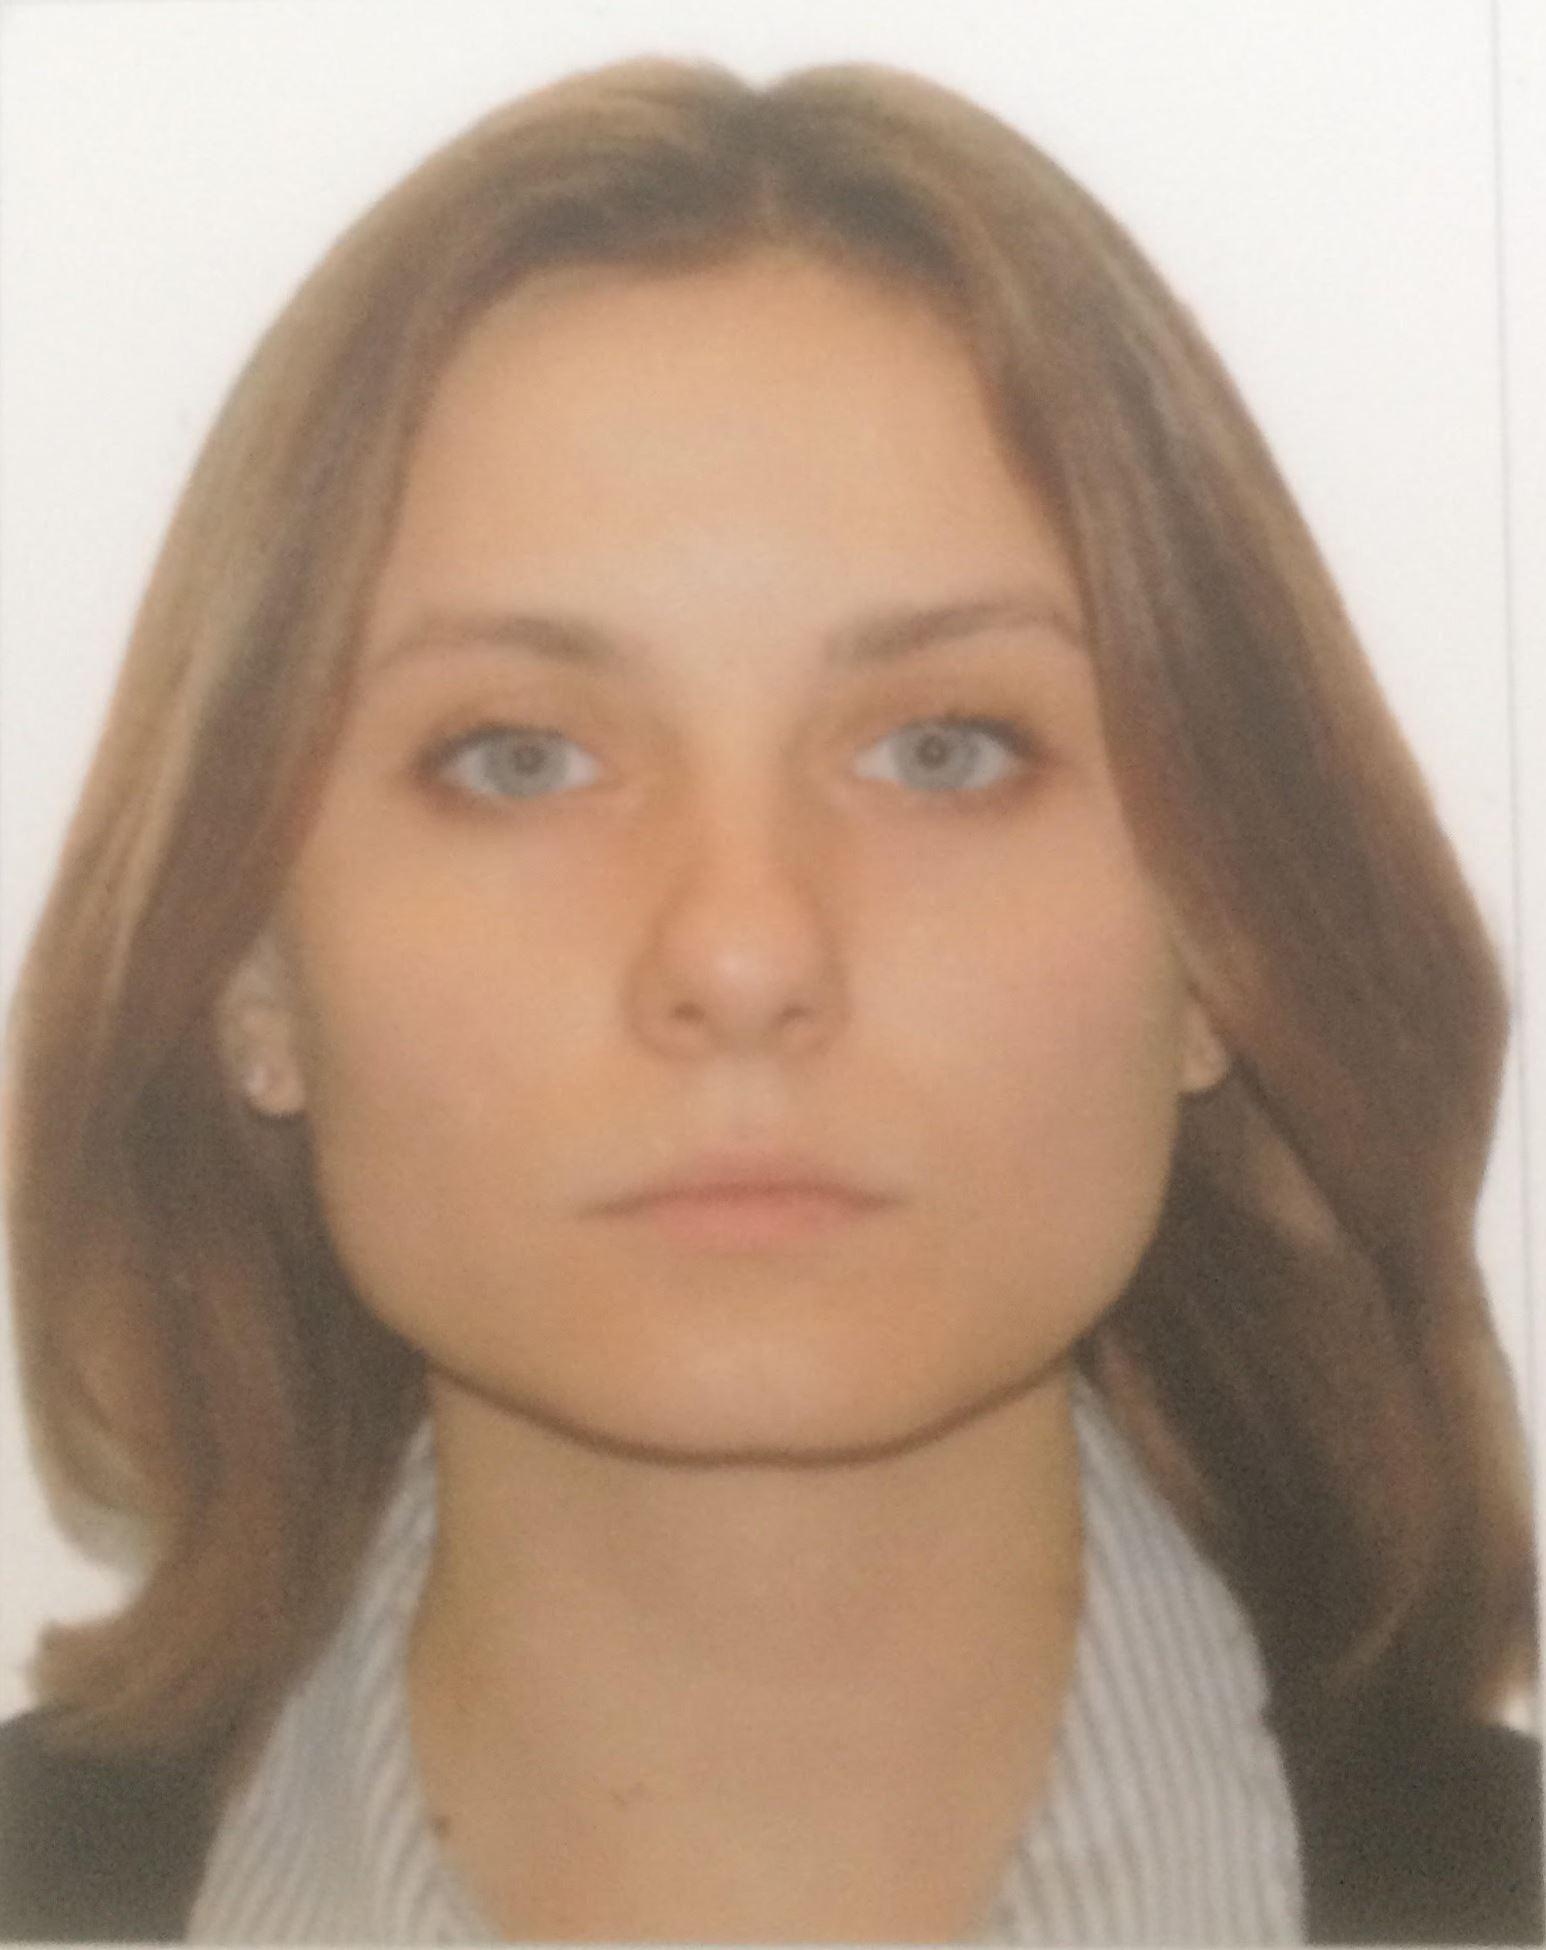 daryatsibulskaya